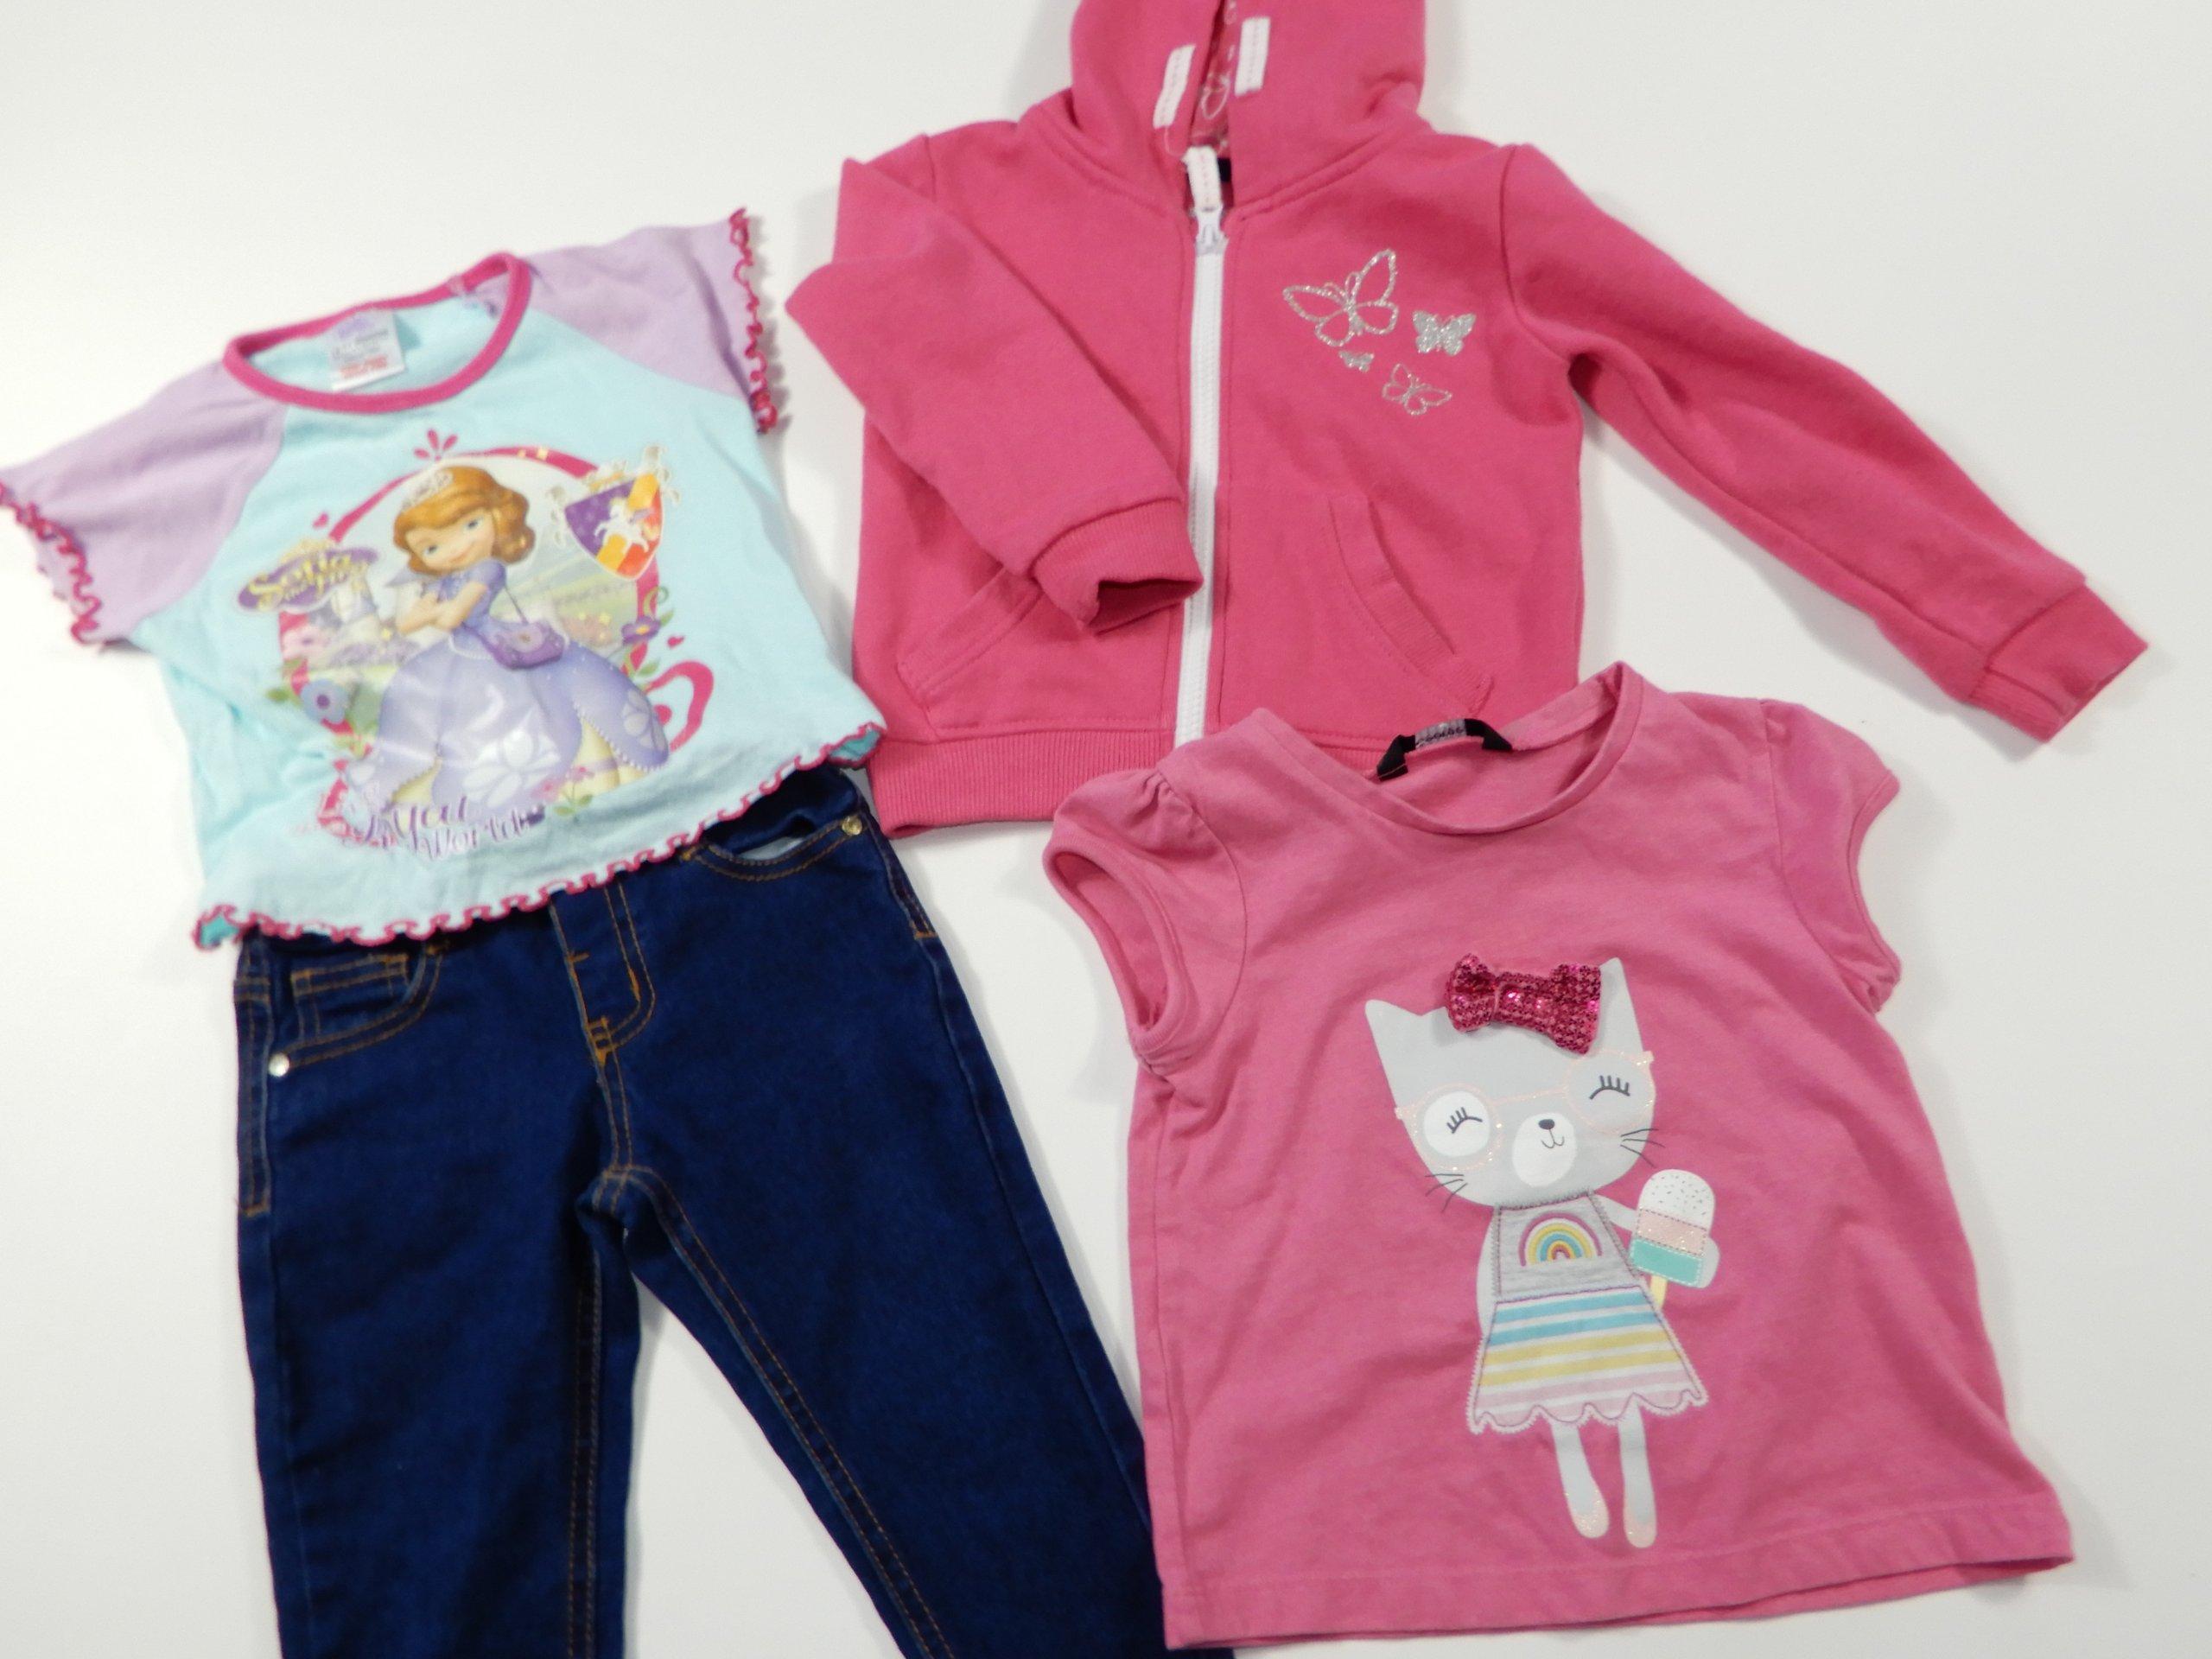 zestaw paczka ubrań dla dziewczynki 2-3 LATA 7SZT